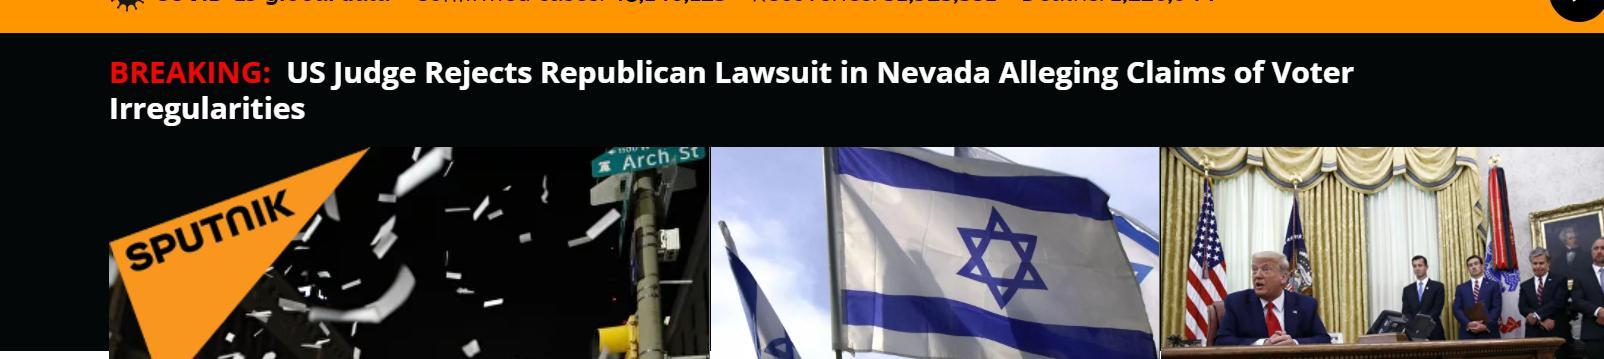 快讯!外媒:美国法官驳回特朗普竞选团队在内华达州提起的诉讼 全球新闻风头榜 第1张